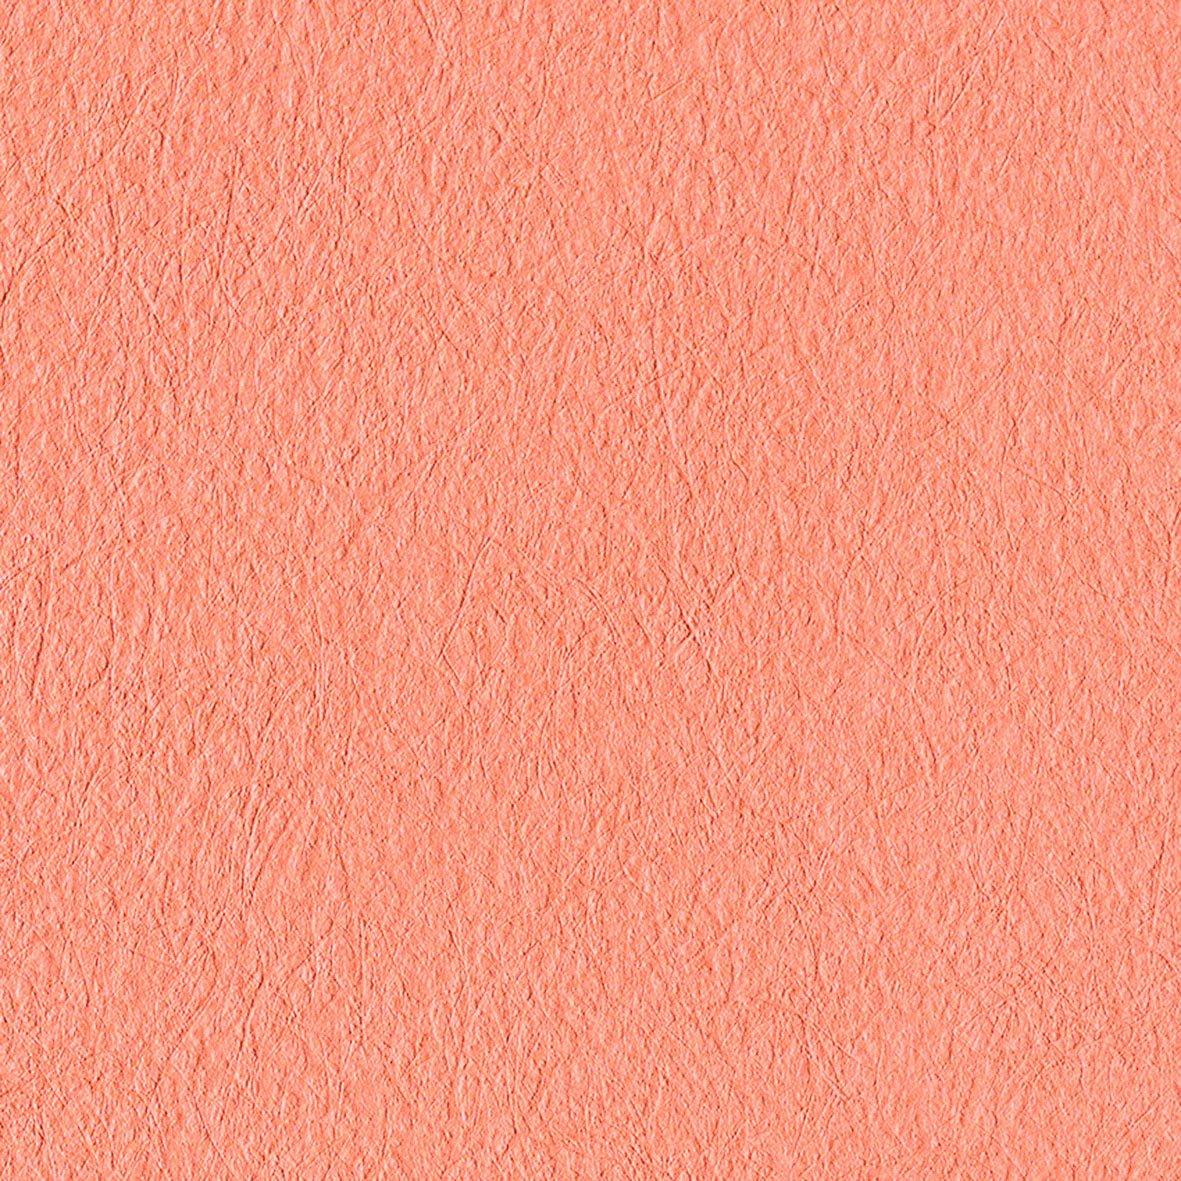 リリカラ 壁紙28m モダン 無地 オレンジ カラーバリエーション LV-6140 B01IHS5XIU 28m|オレンジ